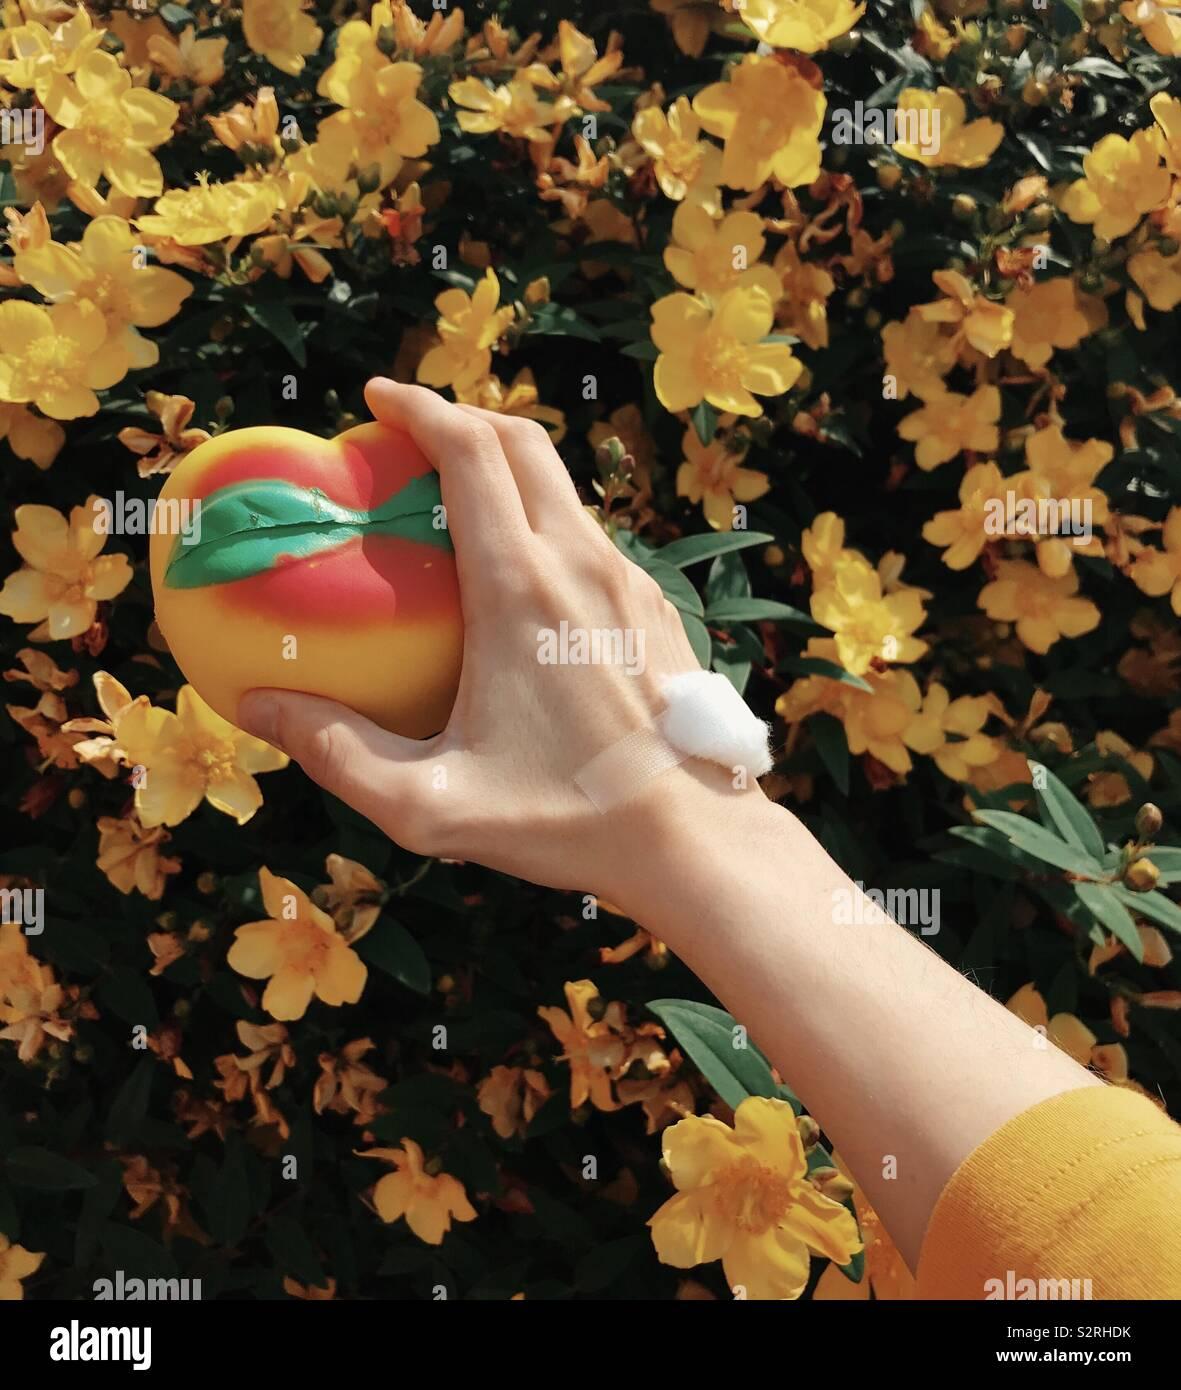 La mano después de la prueba de sangre Foto de stock